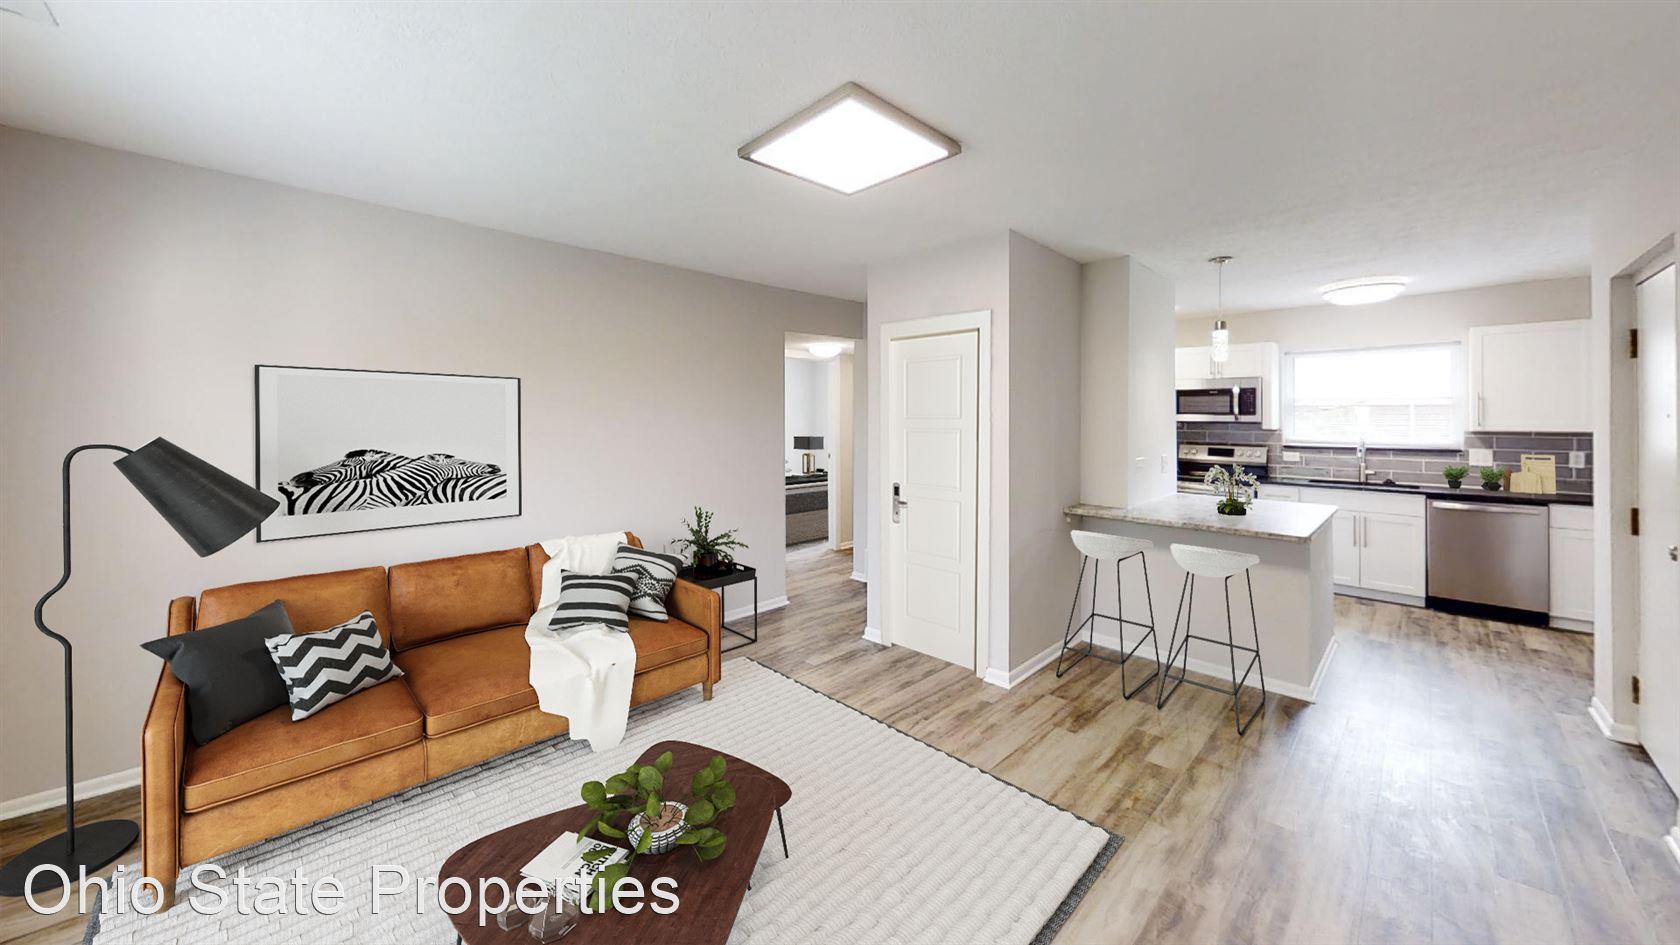 Apartment for Rent in Columbus